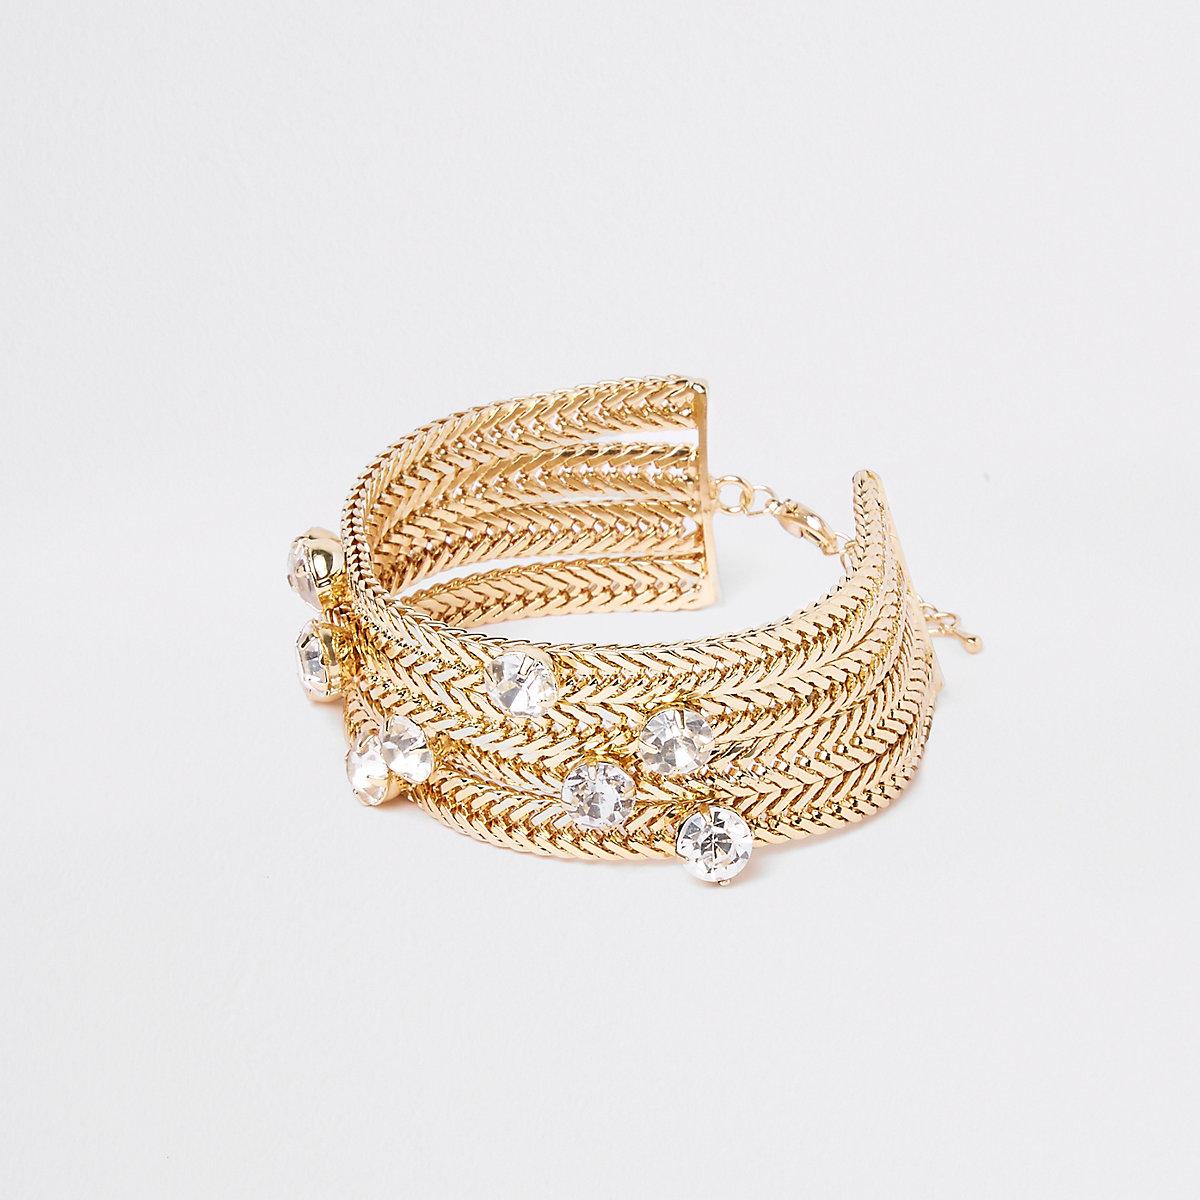 Gold tone jewel stone chain bracelet